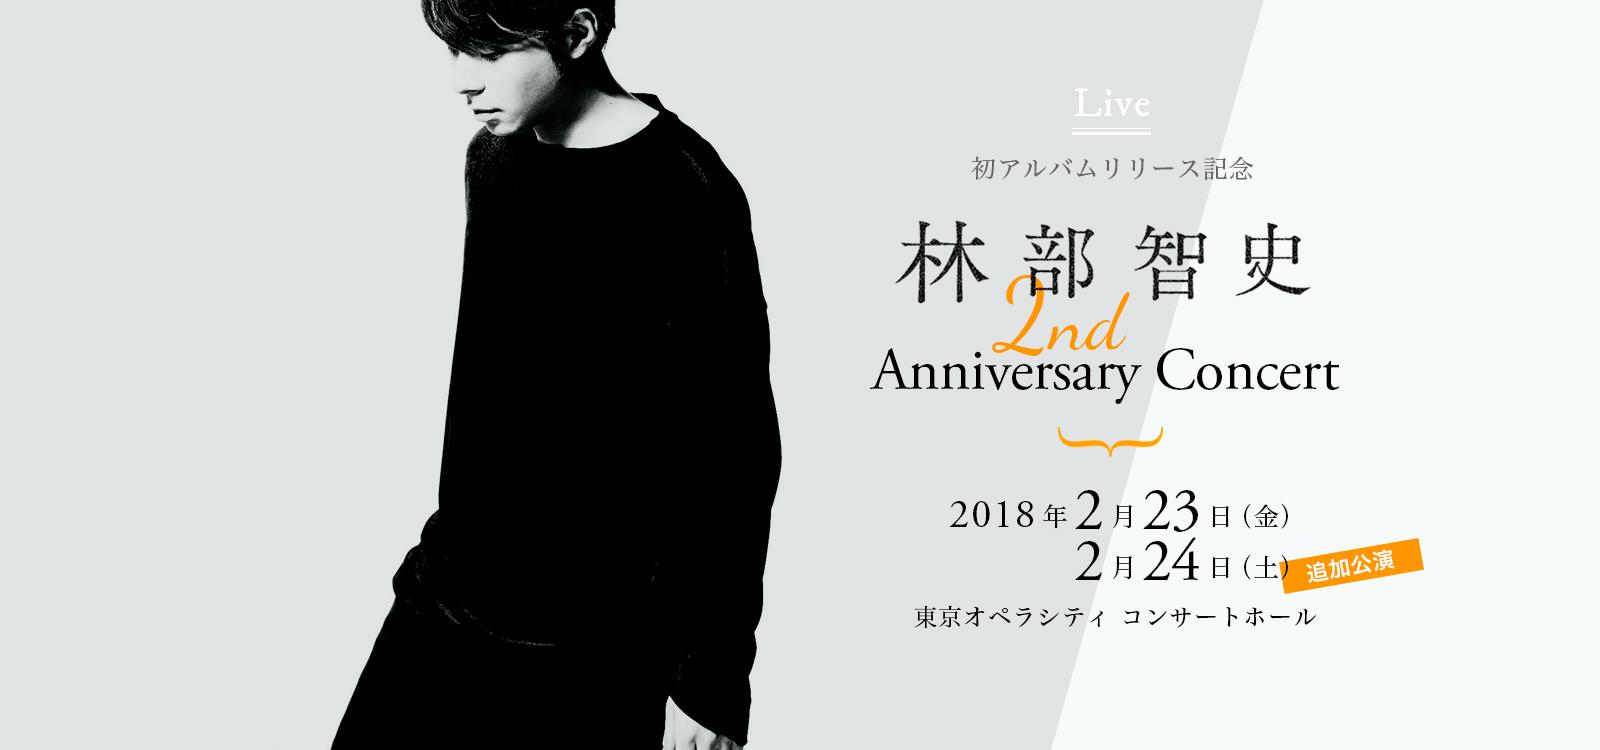 初アルバムリリース記念 2nd Anniversary Concert